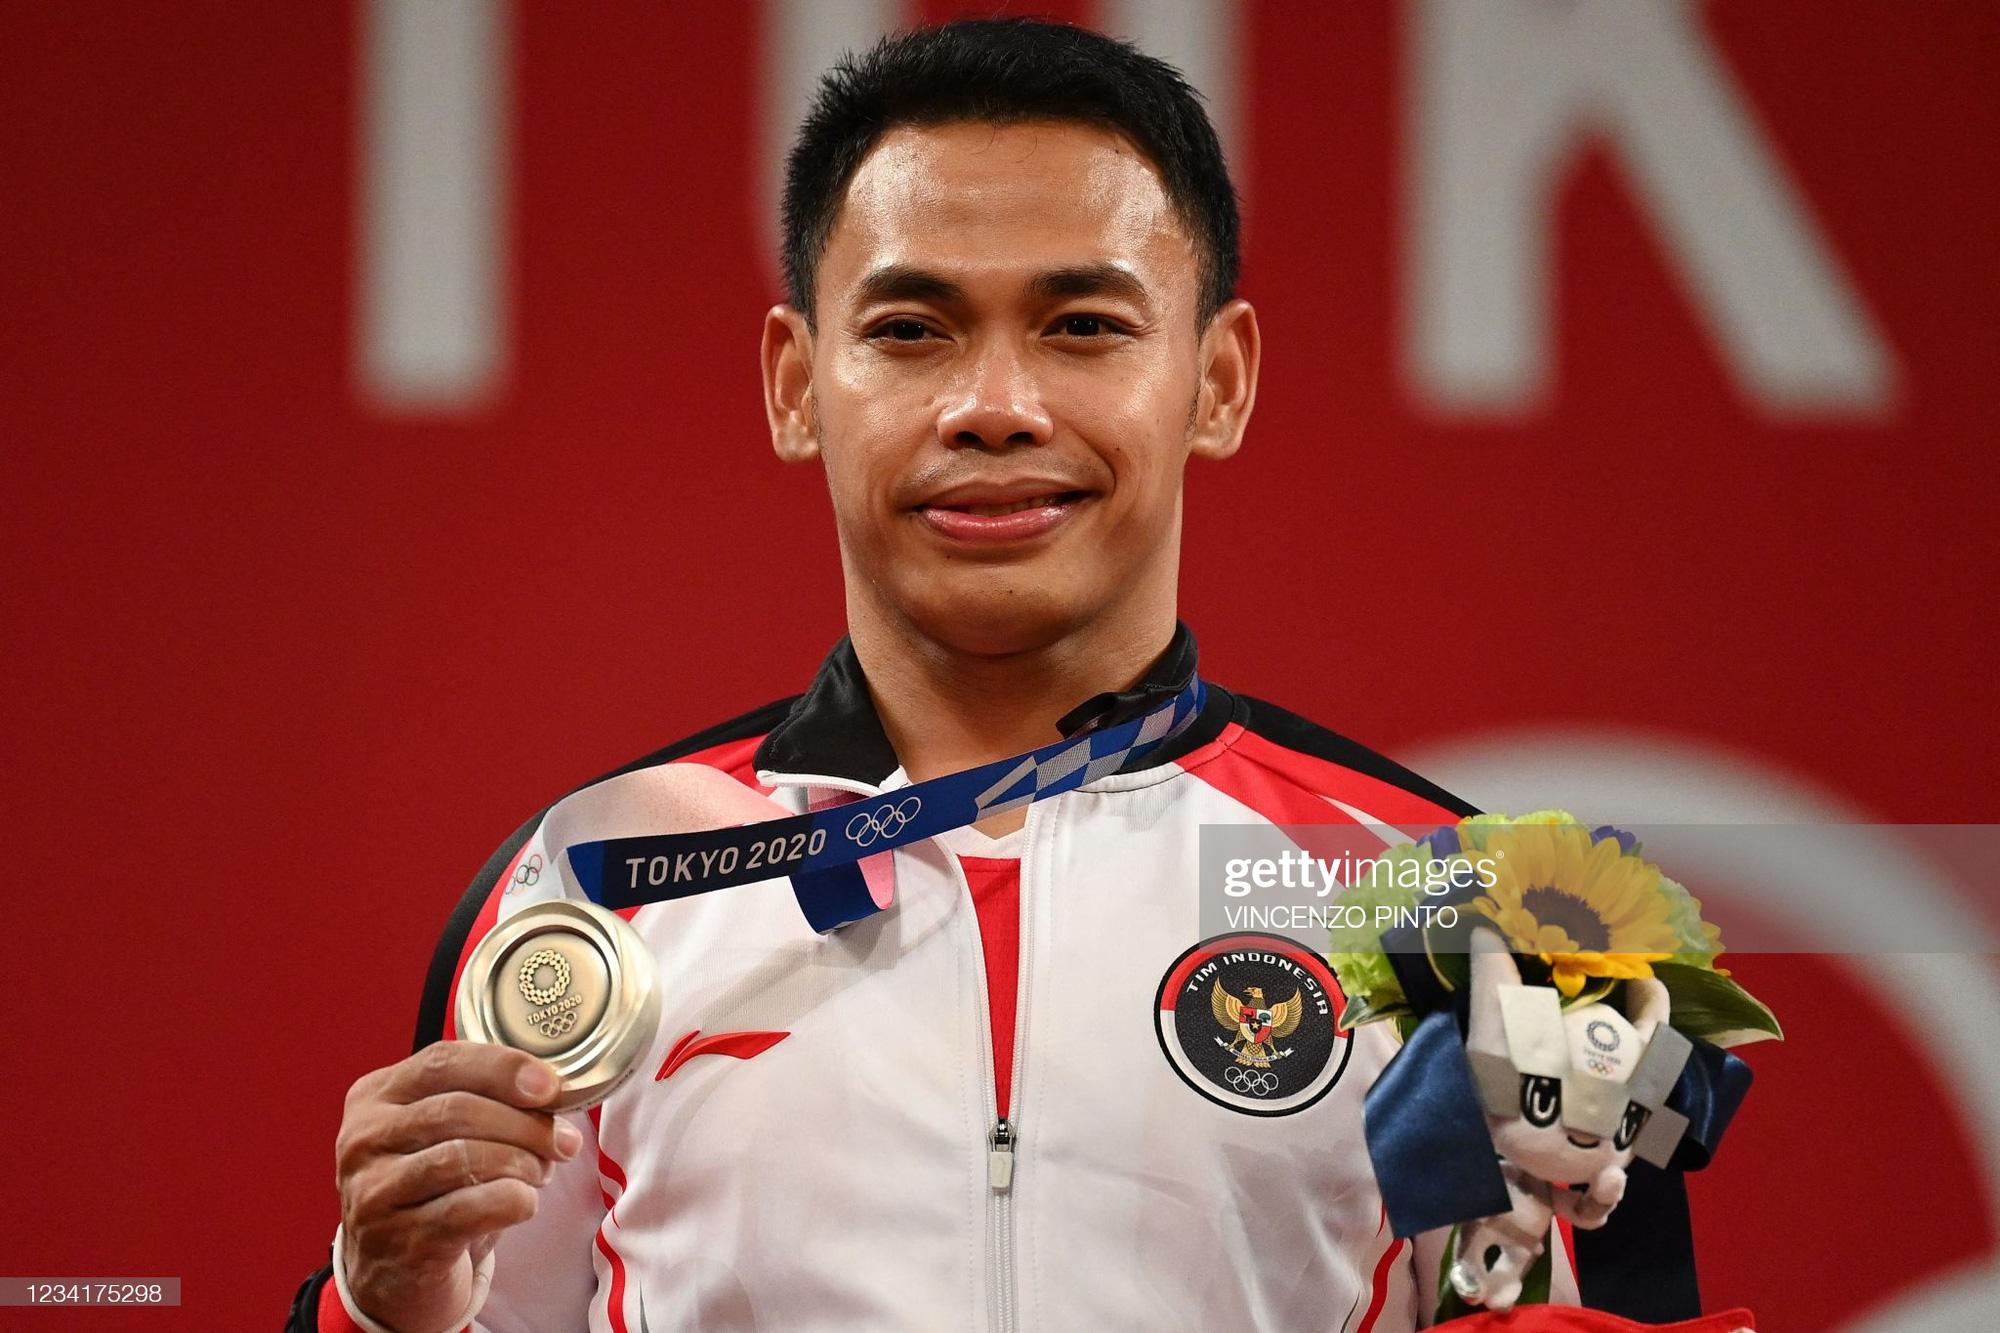 VĐV Đông Nam Á đổi đời với mức thưởng khủng HCV Olympic Tokyo 2020 - Ảnh 3.